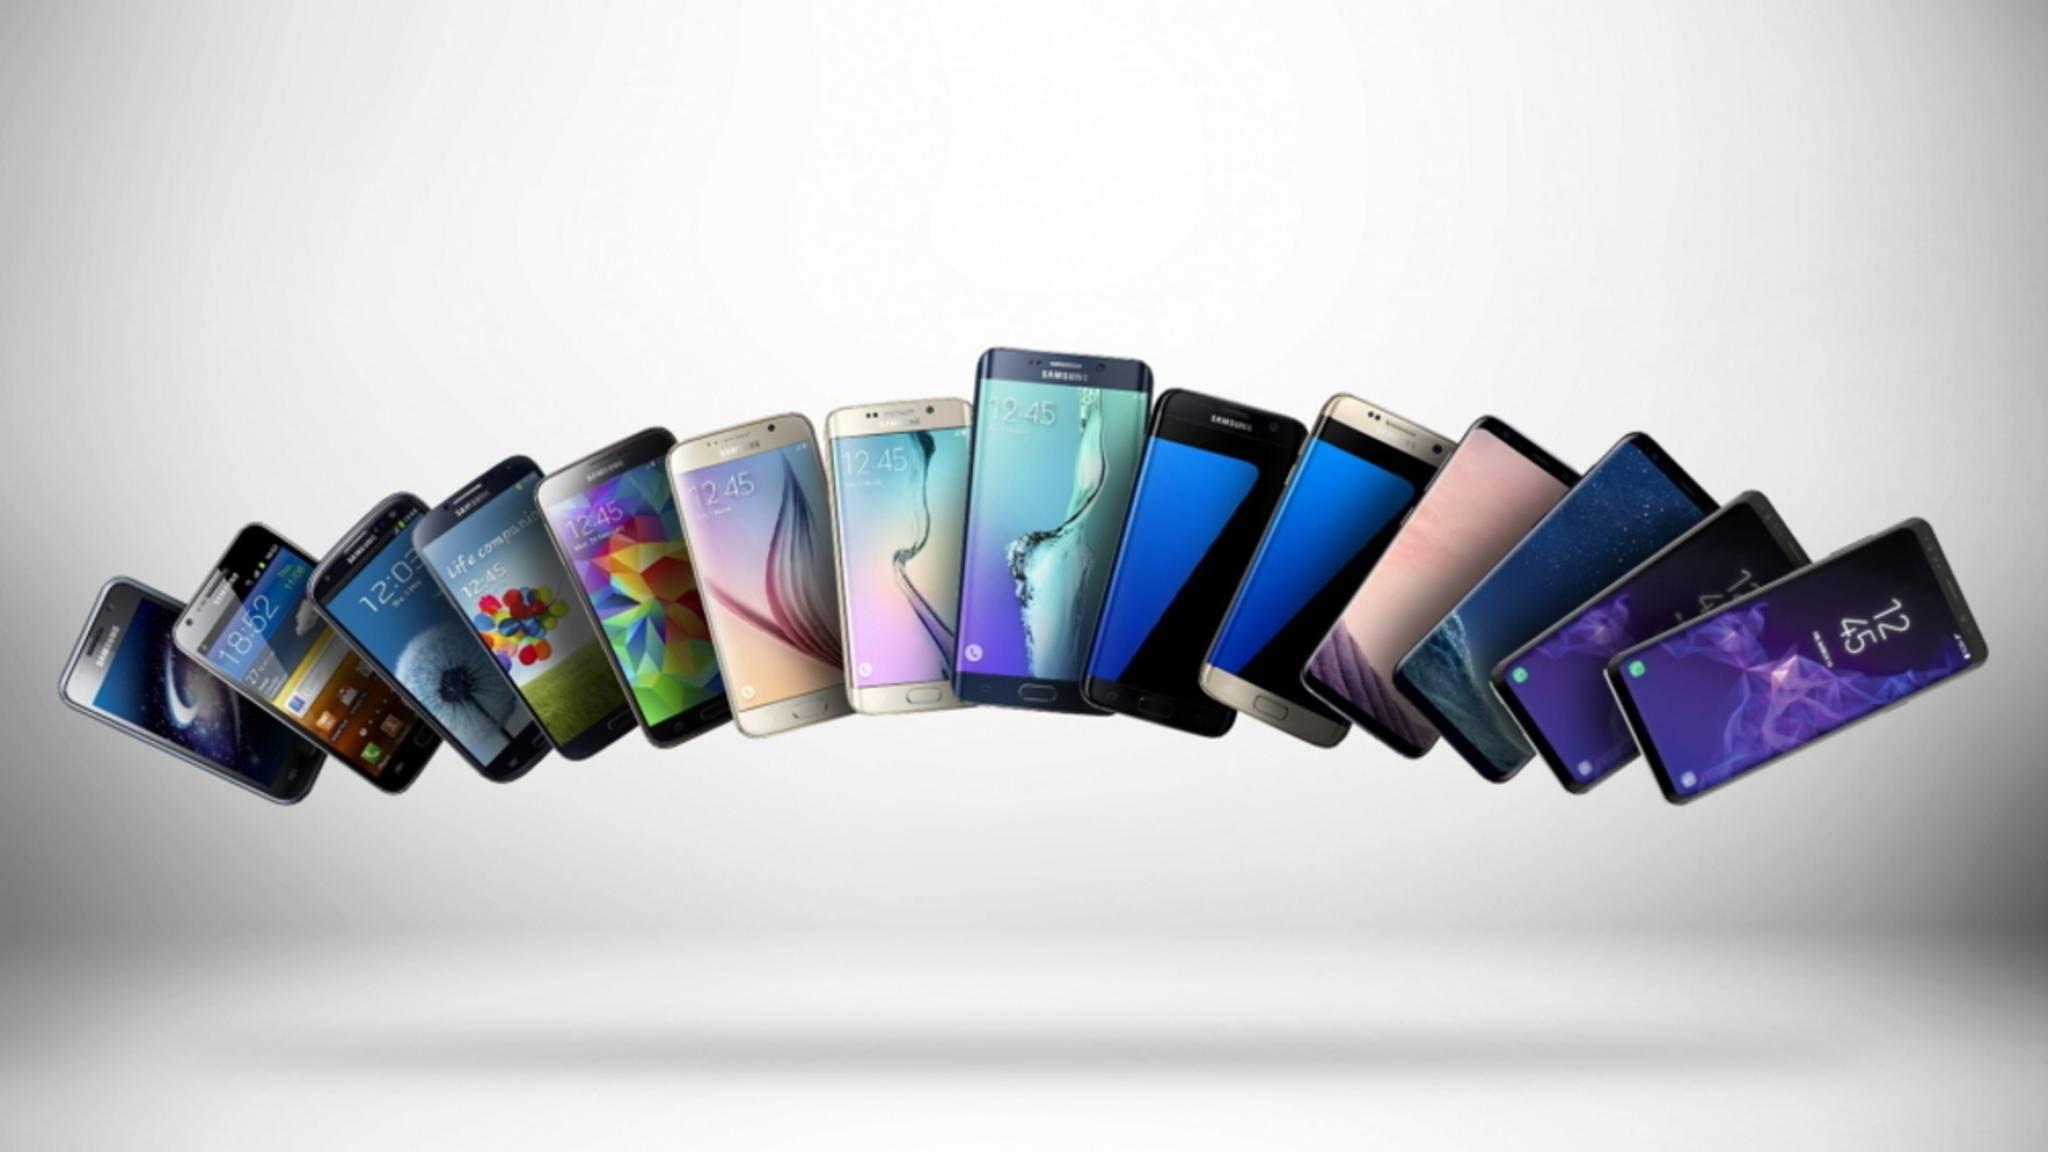 Mit der Galaxy-S-Serie hat Samsung den schärfsten iPhone-Konkurrenten etabliert.